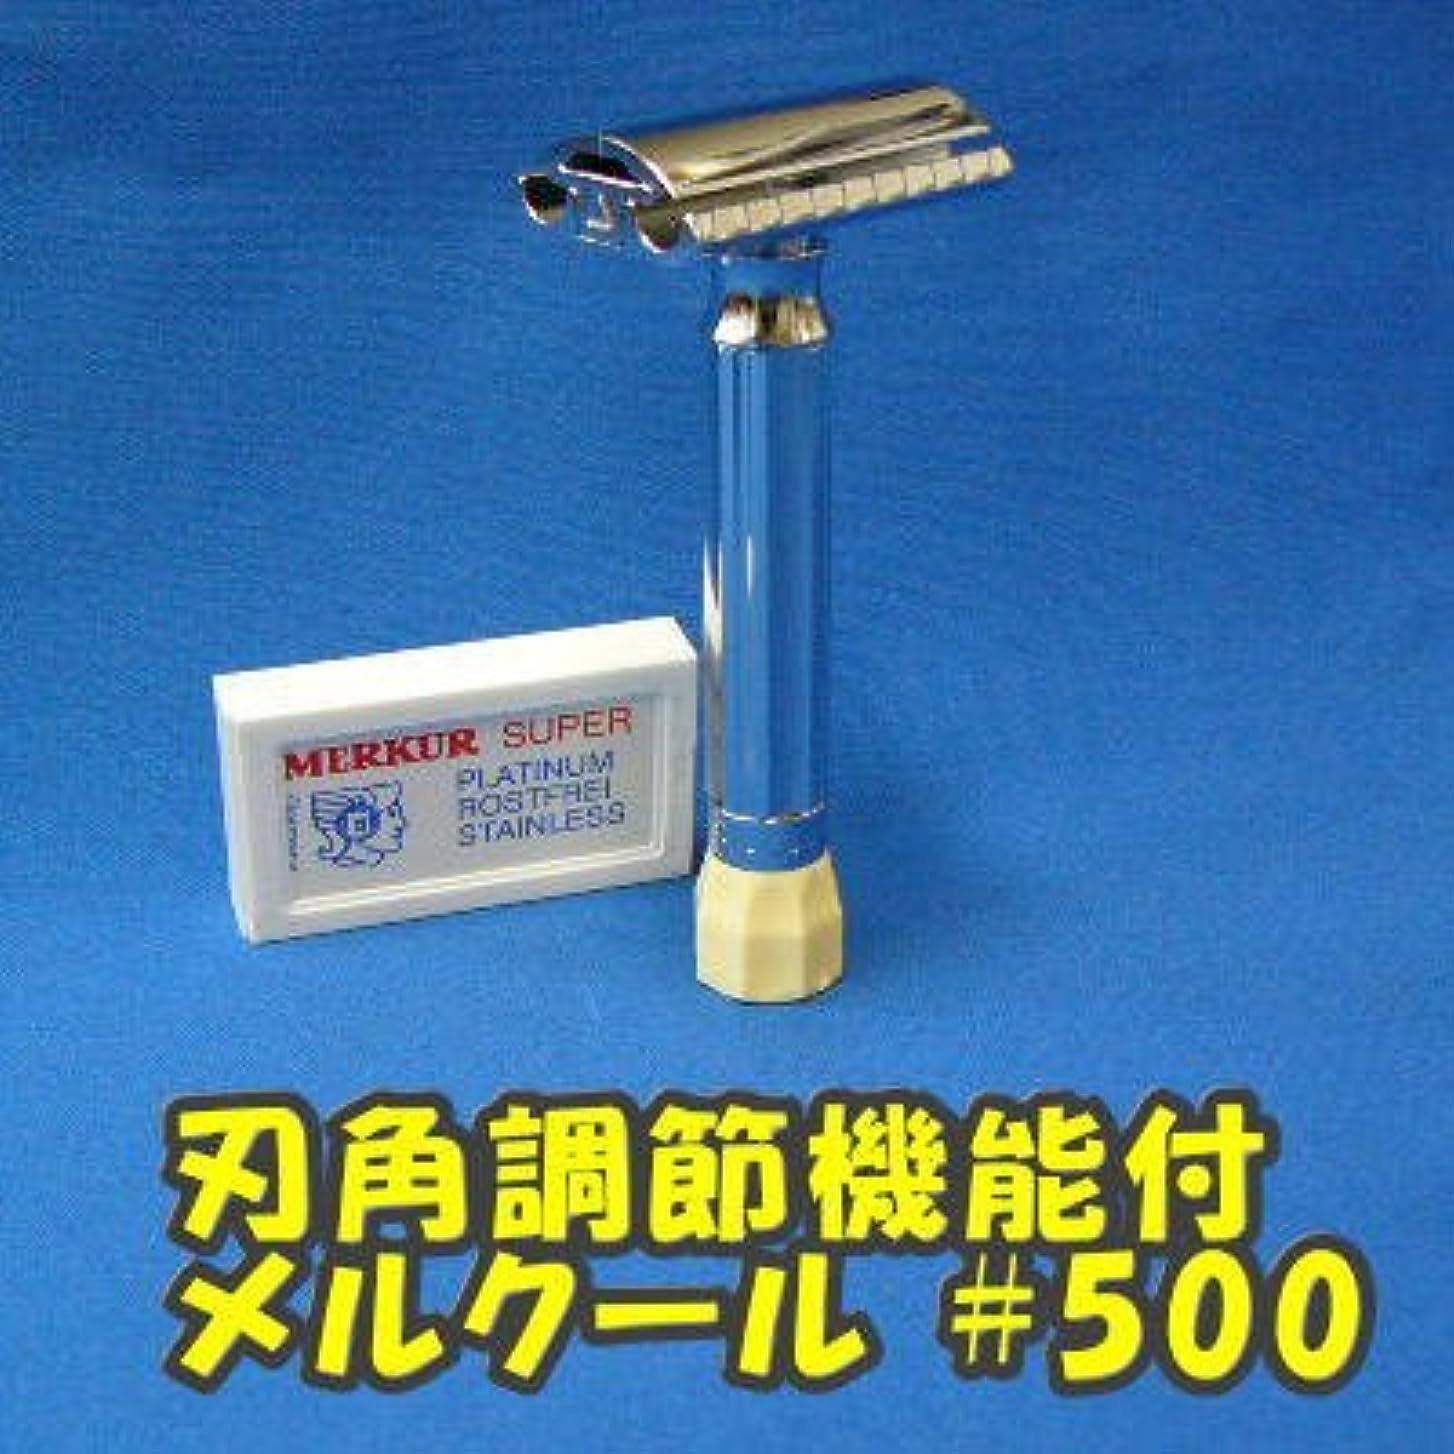 金属卒業記念アルバムラジウムメルクール髭剃り(ひげそり)570 PROGRESS(プログレス)